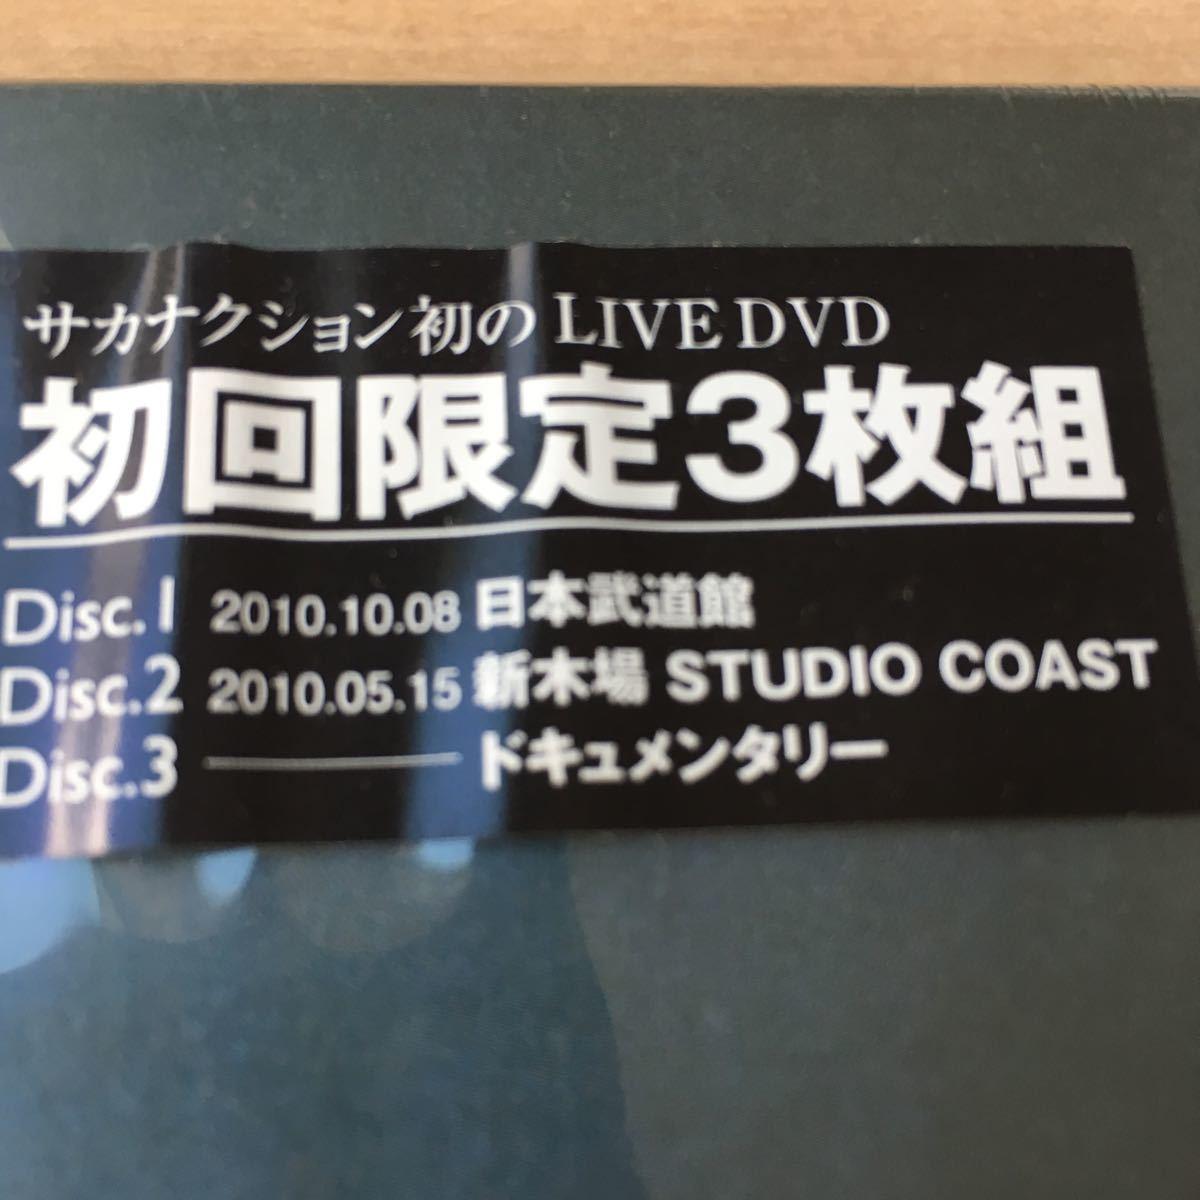 ライブ dvd サカナクション